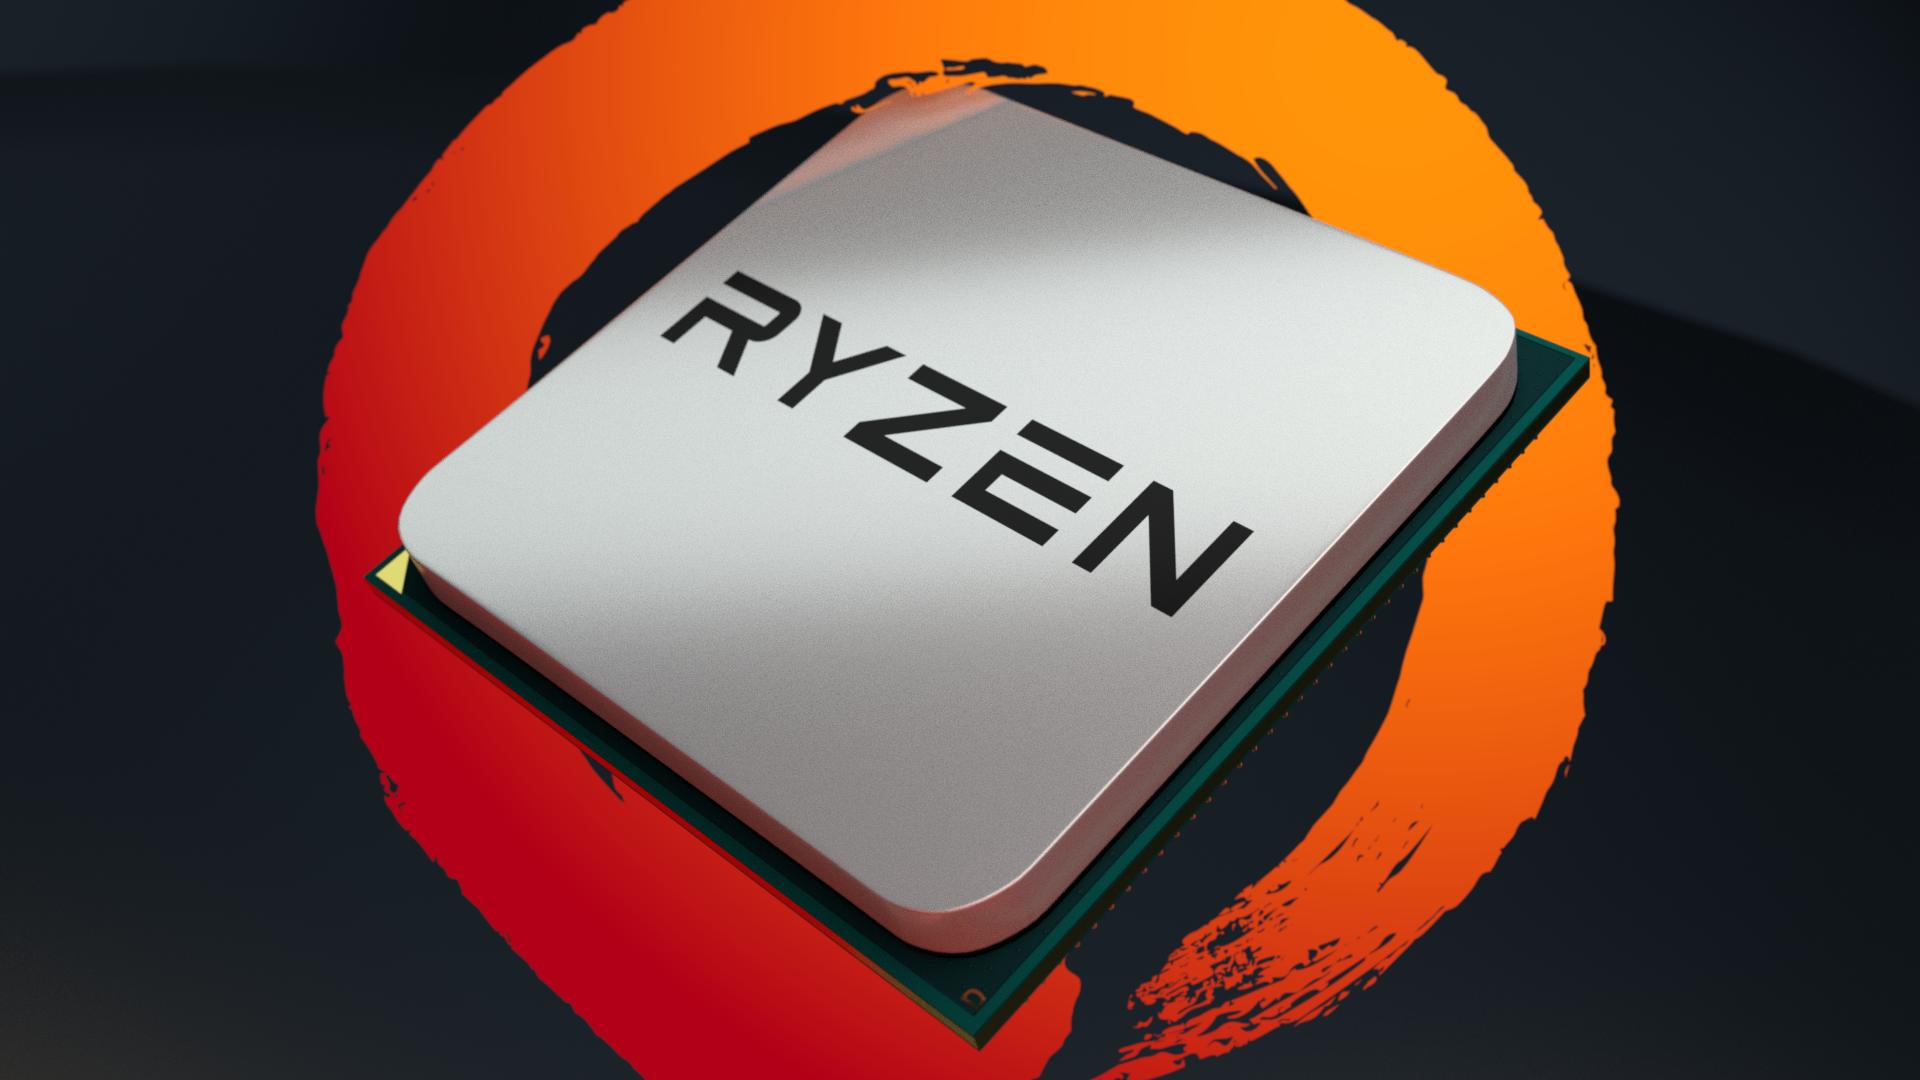 AMD выпустила мощные игровые процессоры Ryzen 5 2400G и Ryzen 3 2200G